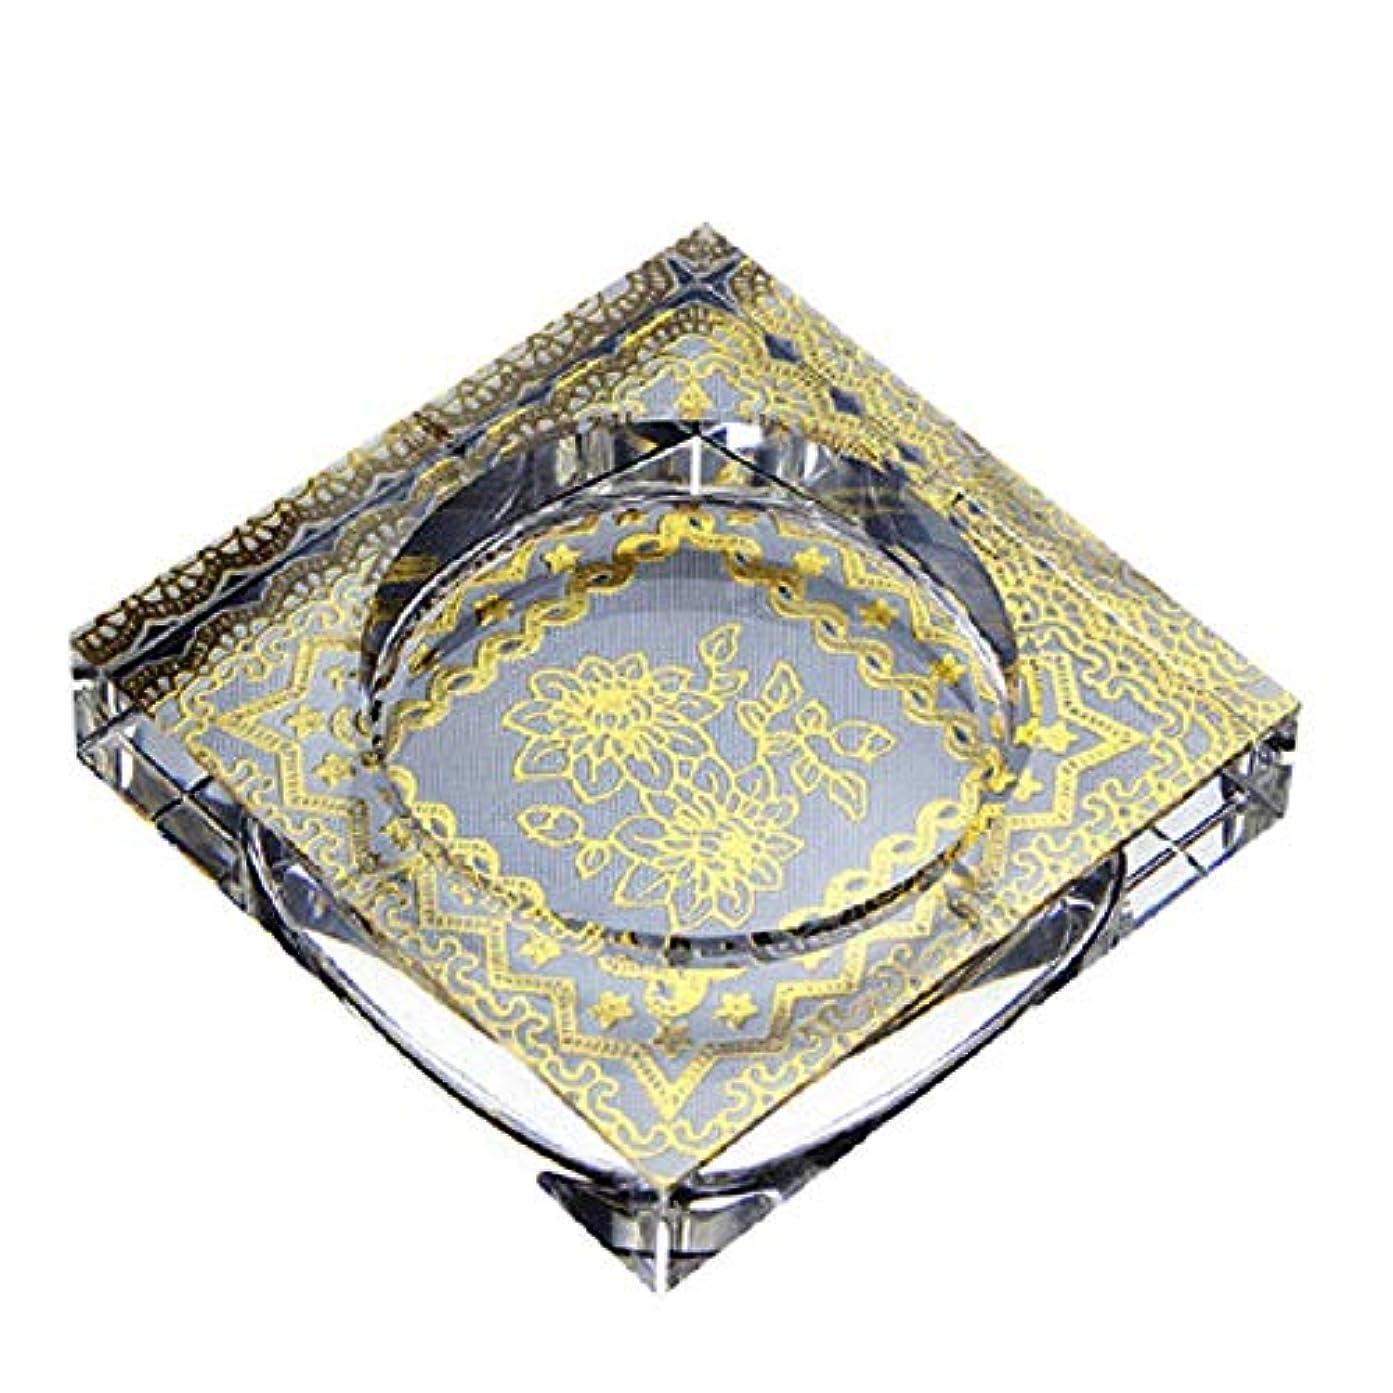 線ソフィーシガレットタバコ、ギフトおよび総本店の装飾のための灰皿の円形の光沢のある水晶灰皿